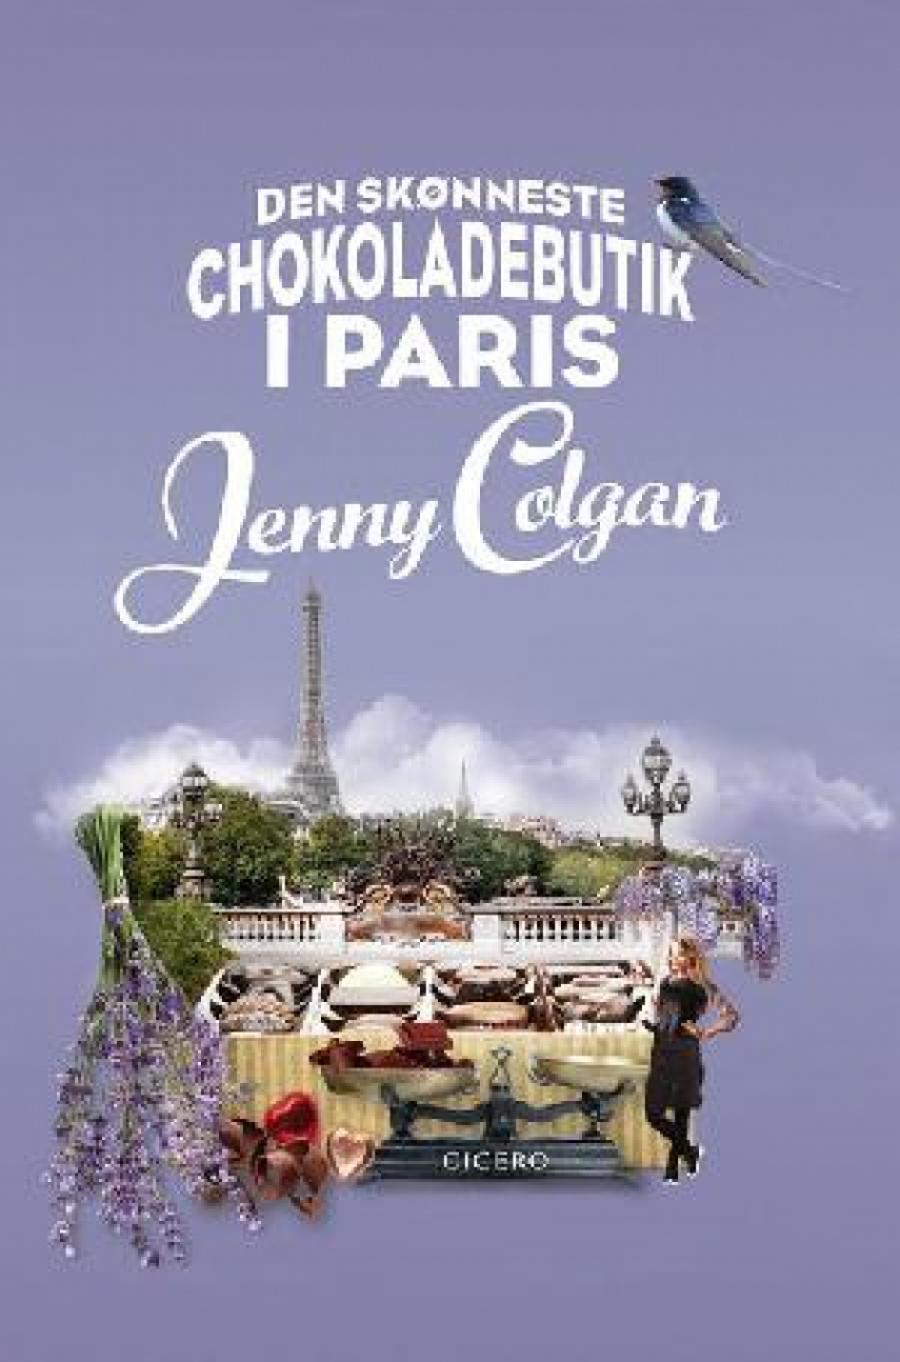 Forsiden af Den skønneste chokoladebutik i Paris